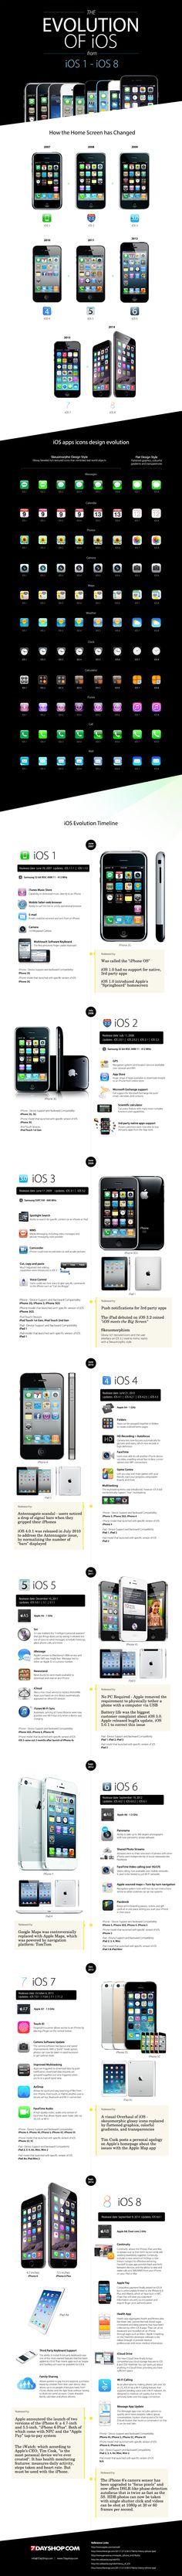 La evolución de iOS | Mundo Ejecutivo